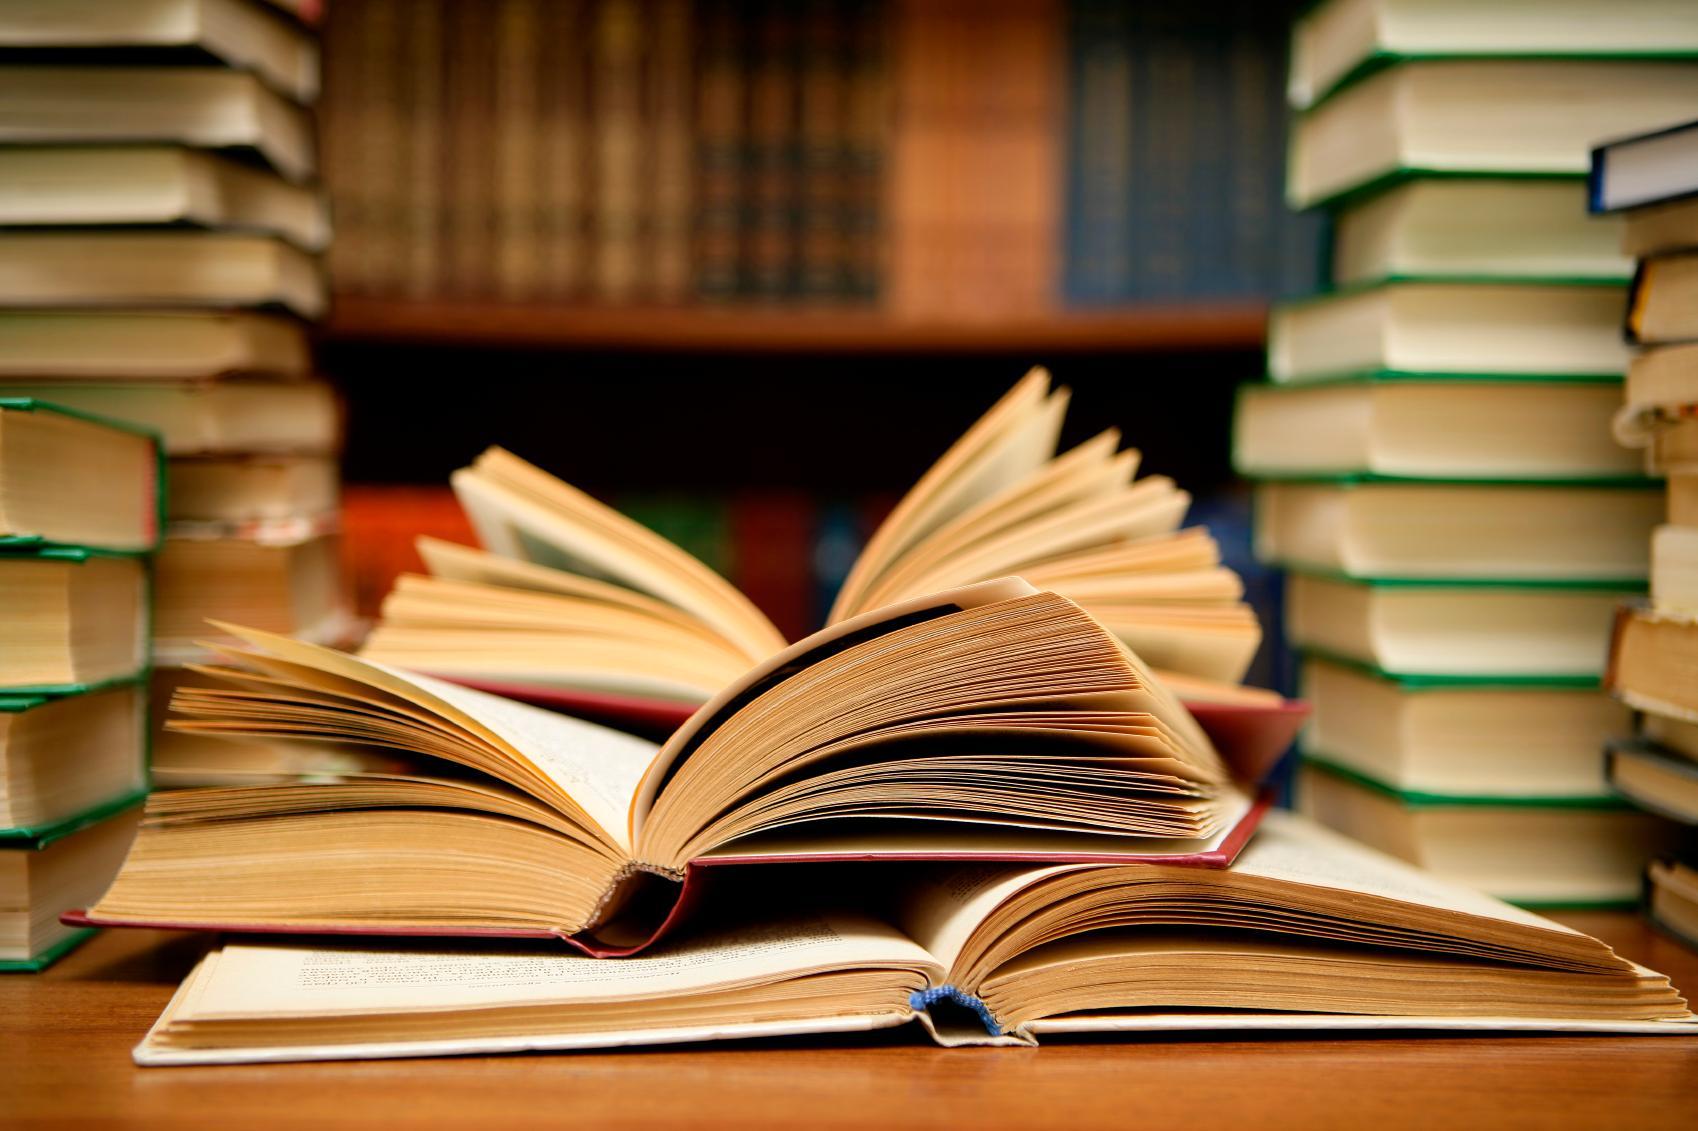 قسم الدراسة والامتحانات يعلن عن جدول الامتحانات النهائية